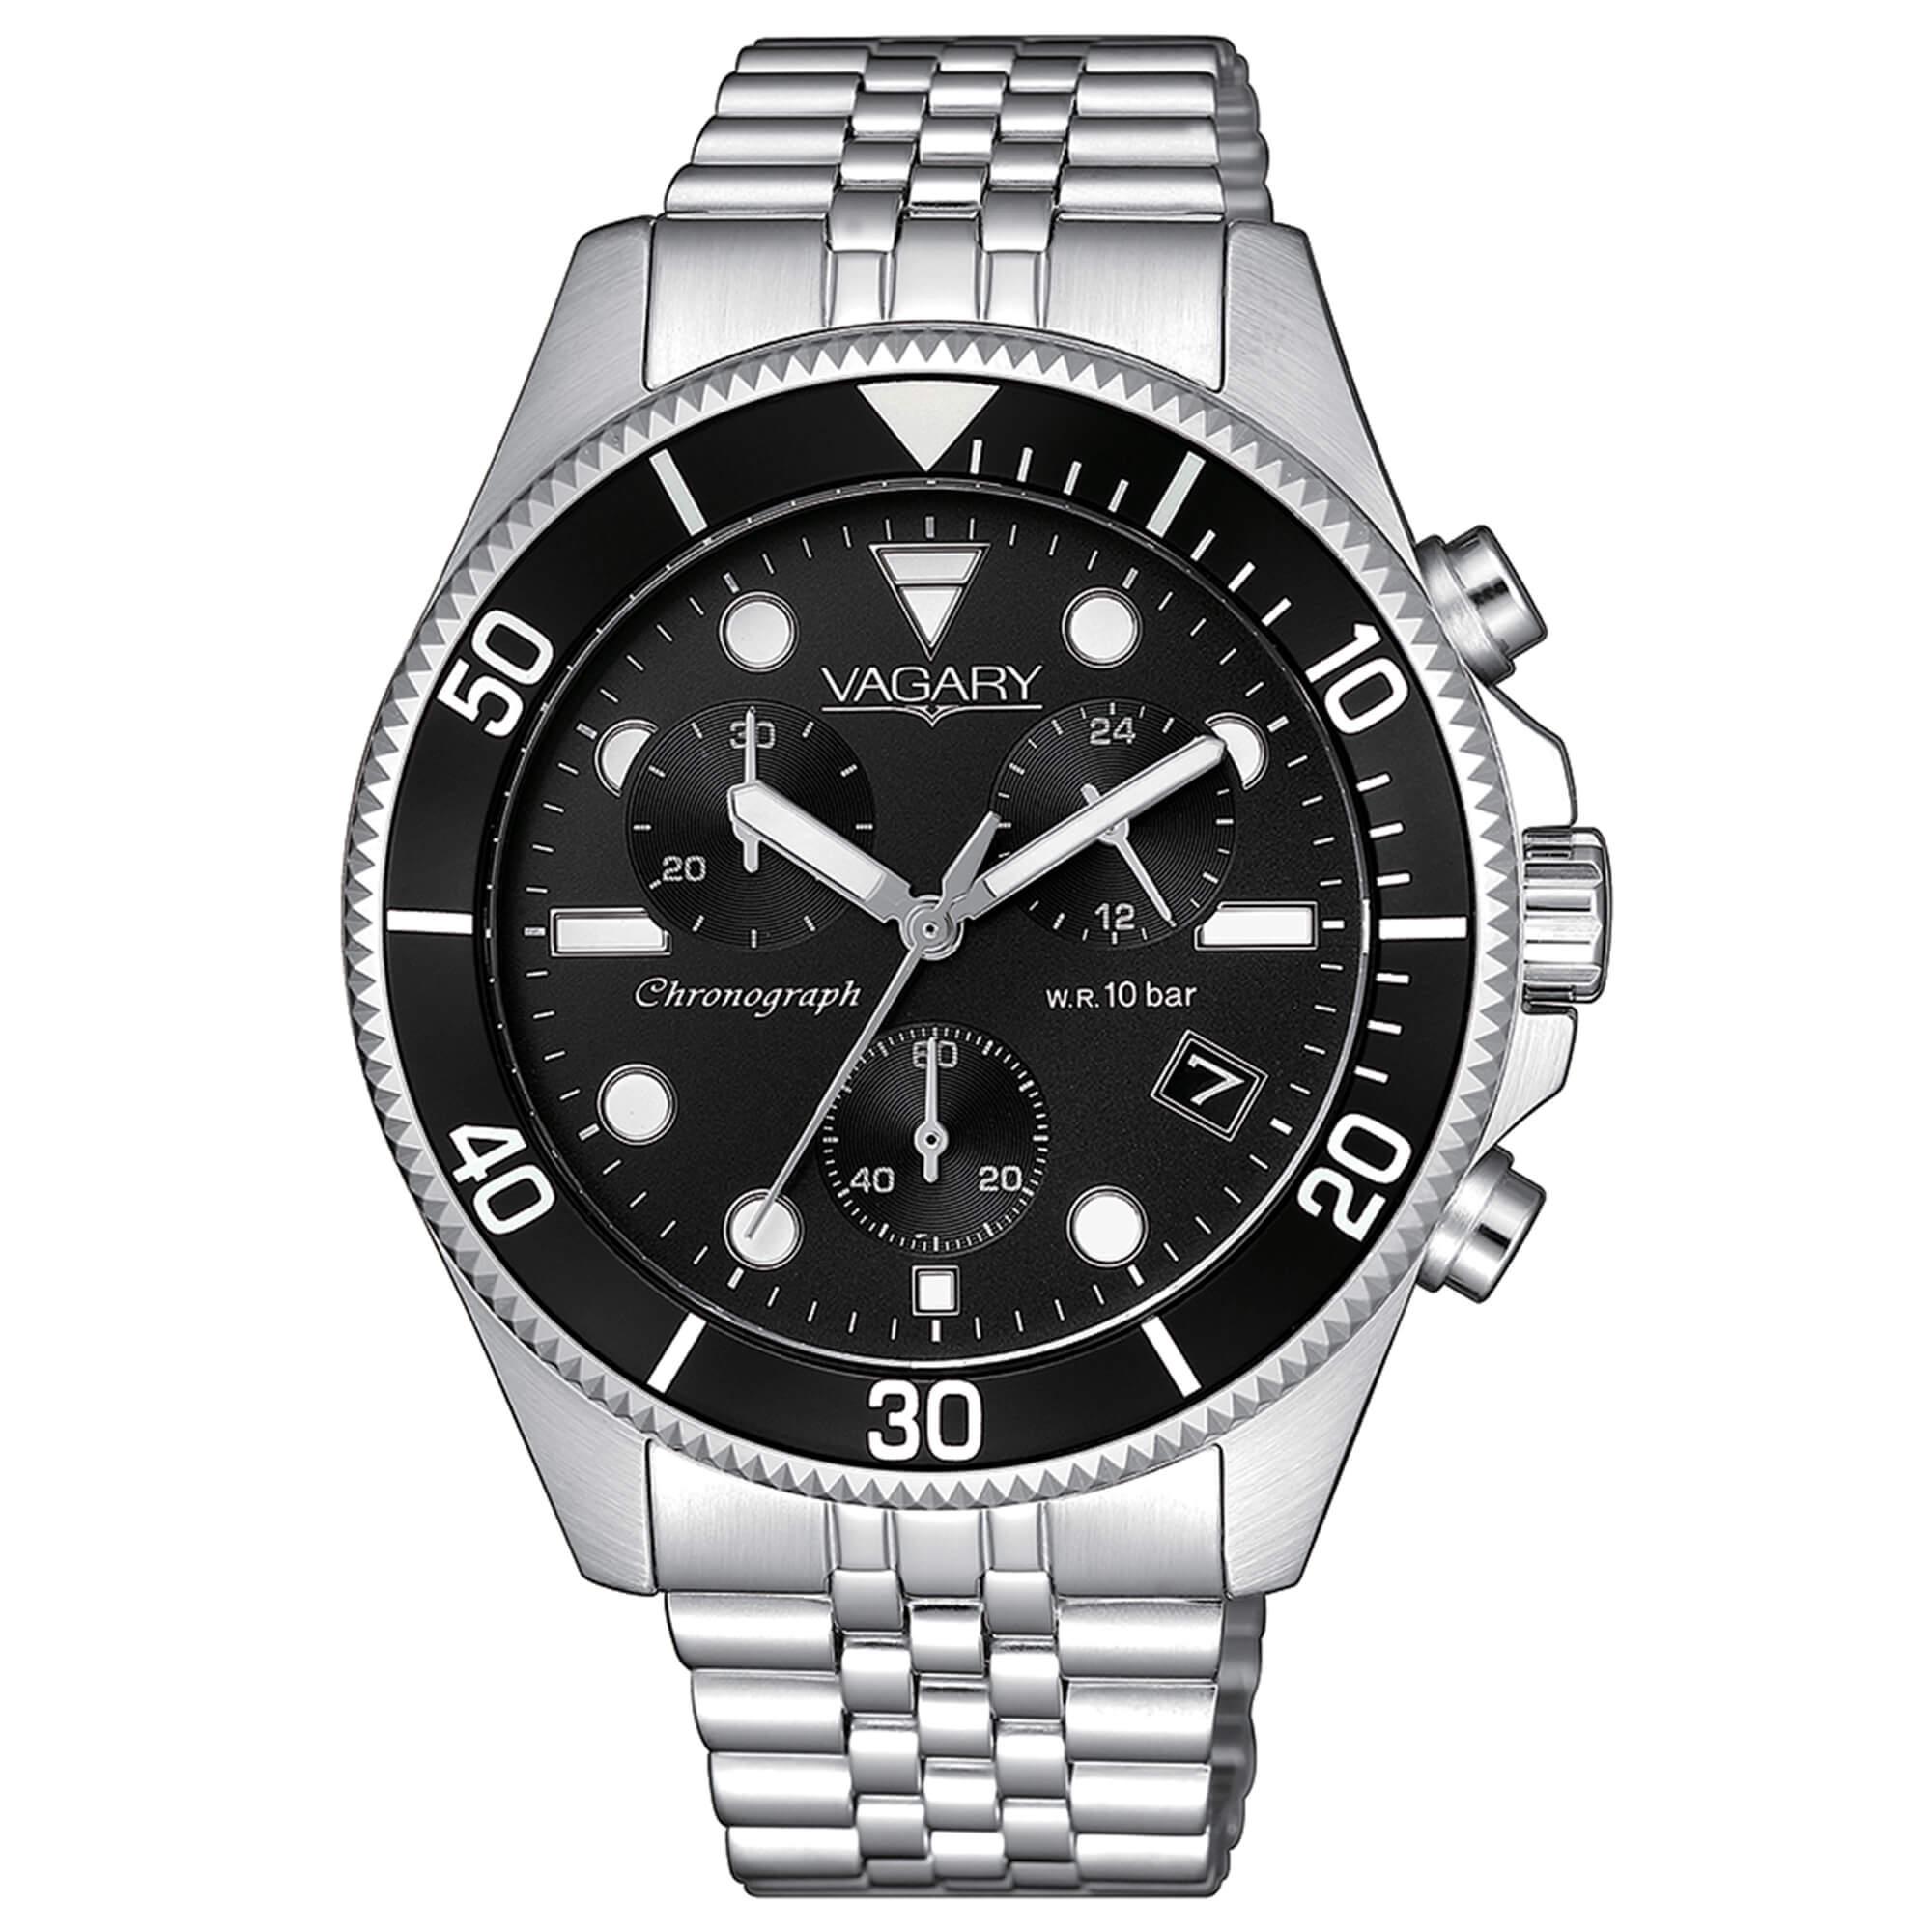 Vagary Aqua 39Crono DiverVS1-019-55